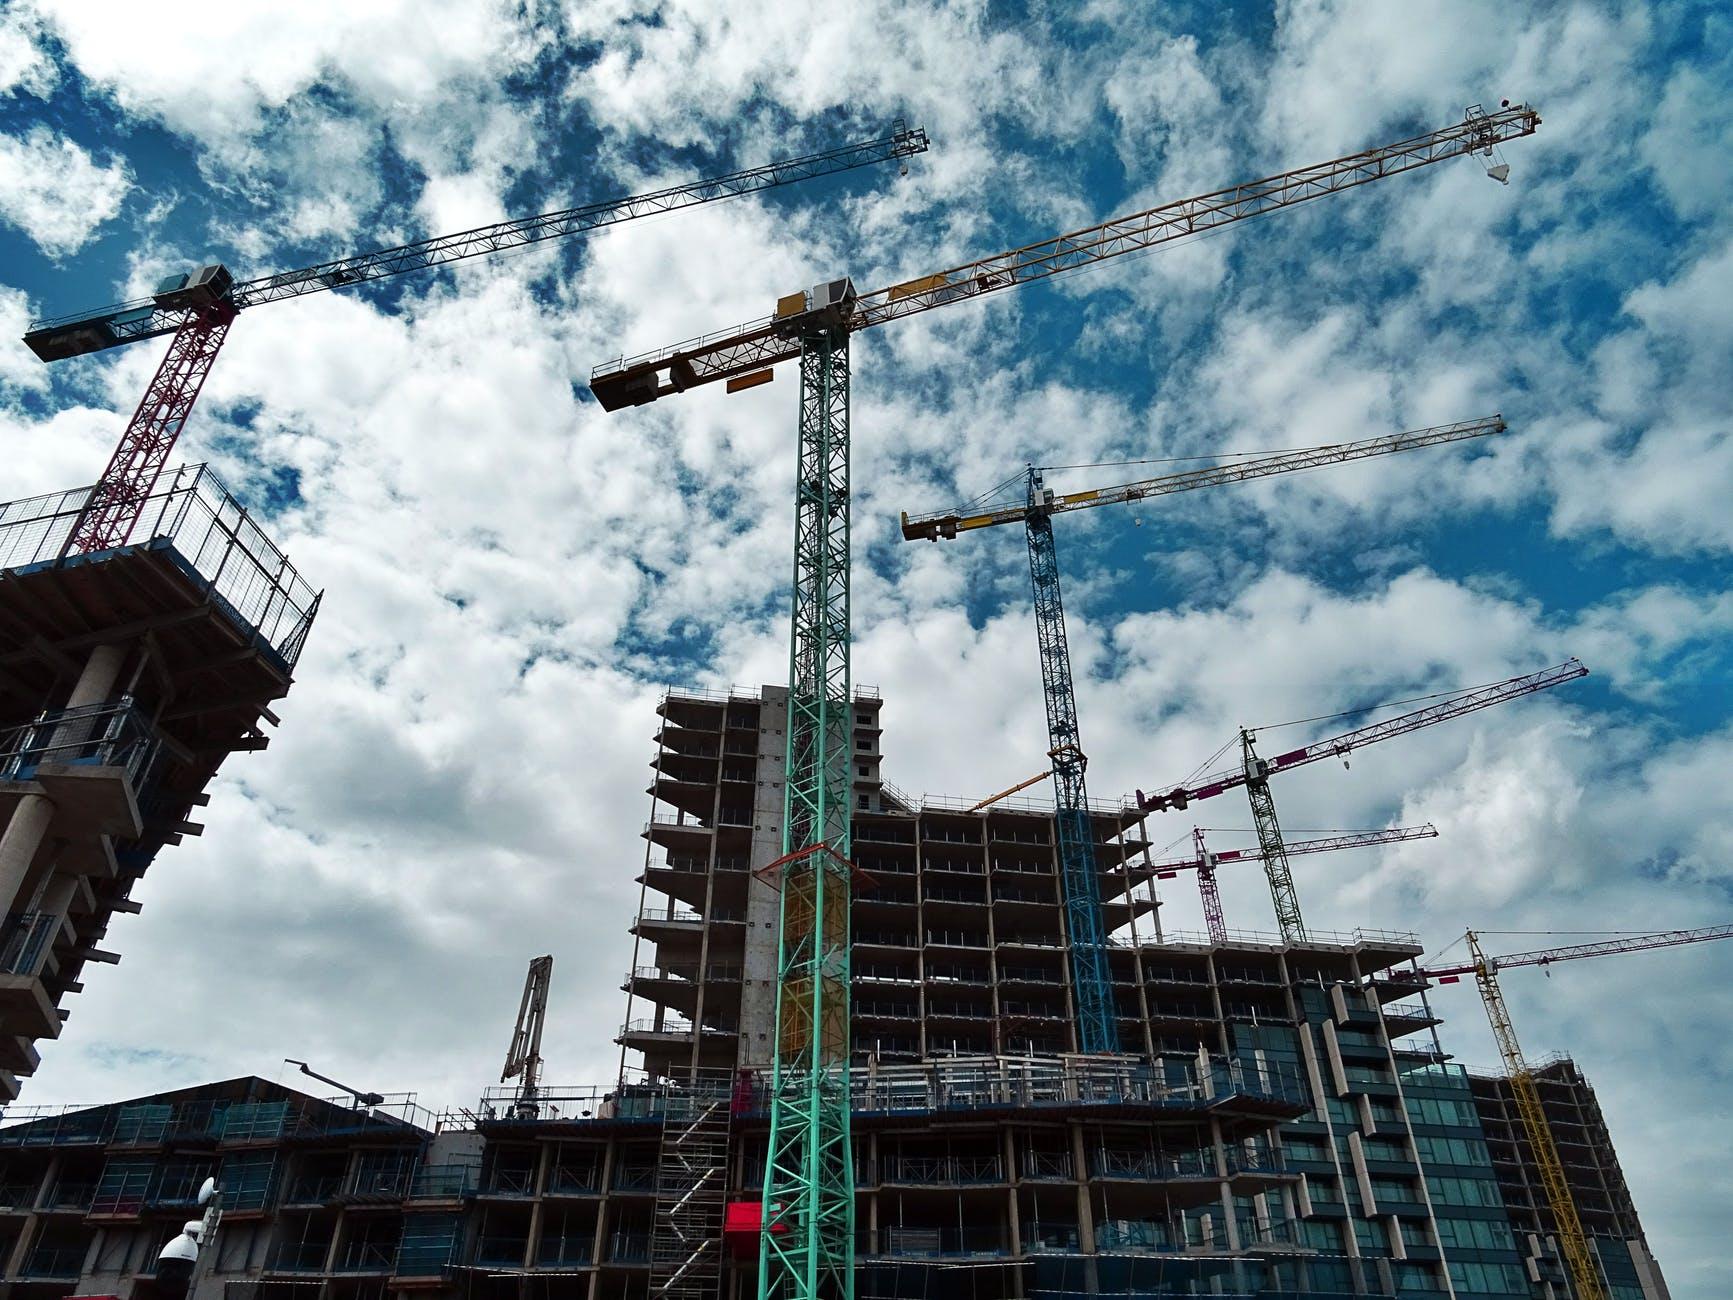 architecture building city concrete